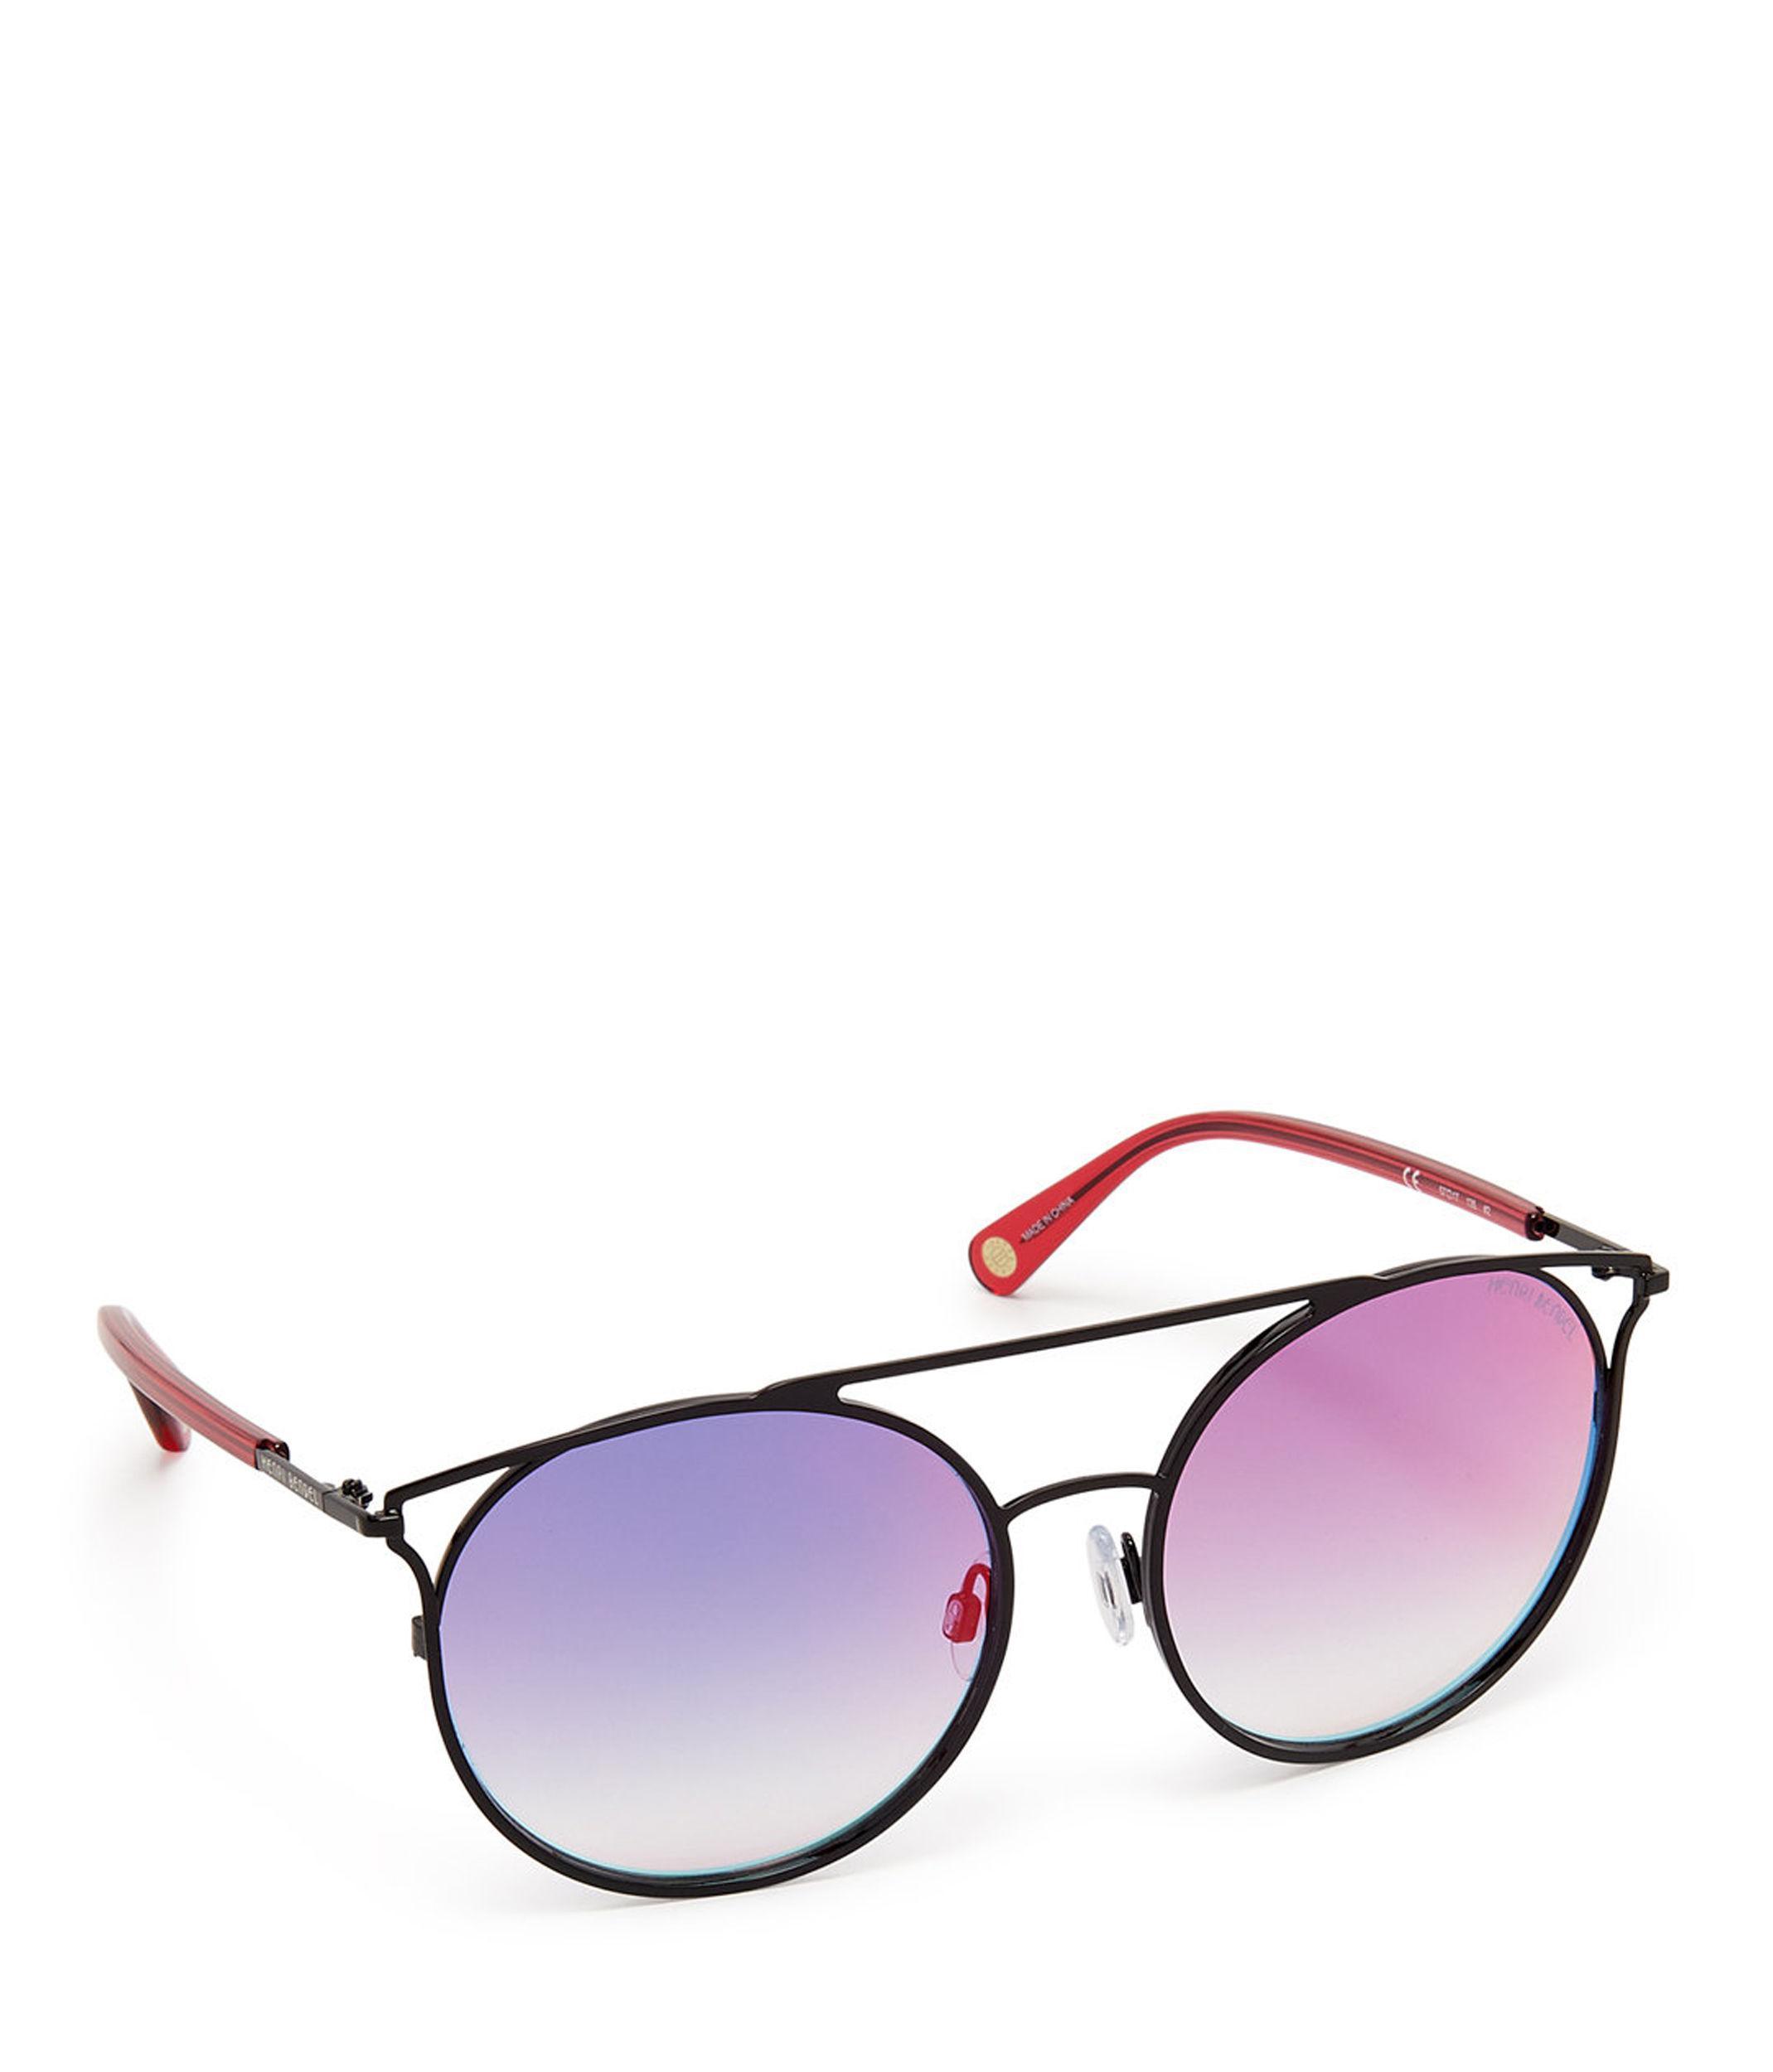 a4b40e7d11 Lyst - Henri Bendel Jade Round Sunglasses in Black